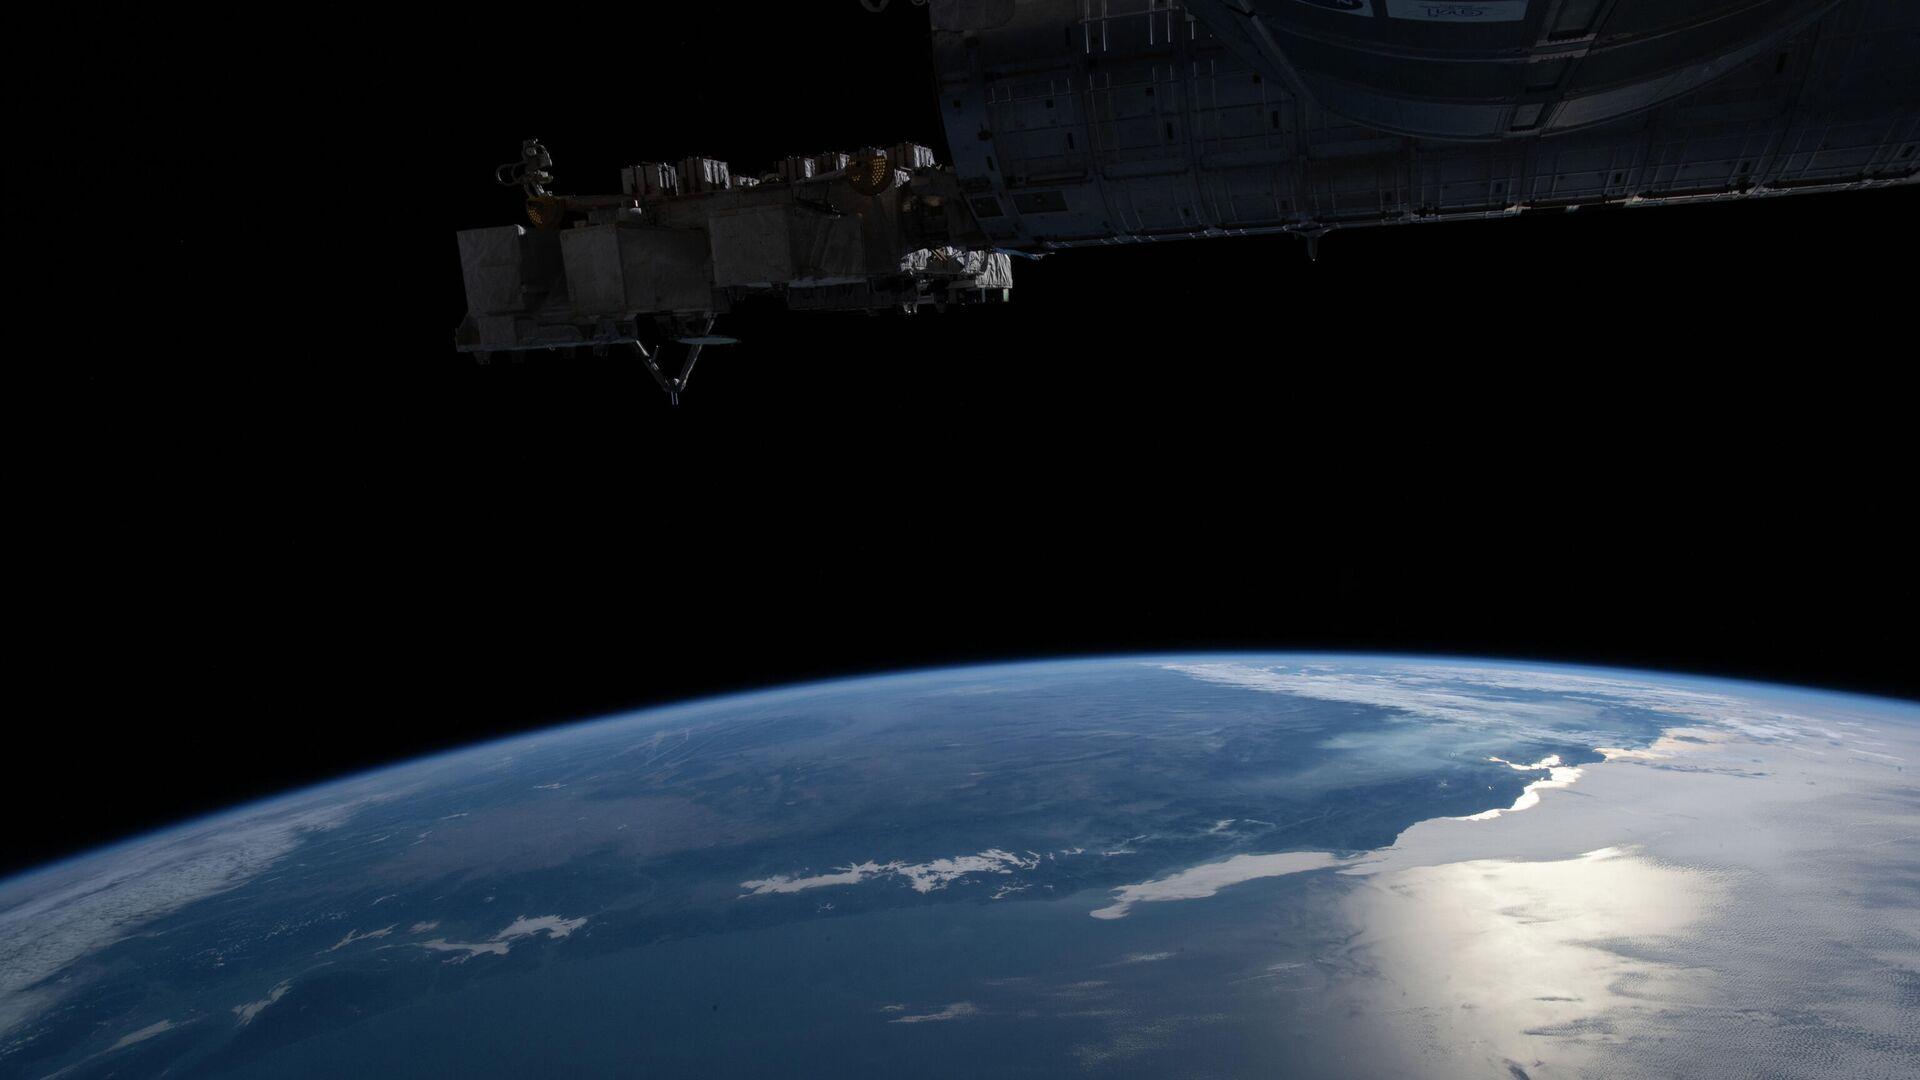 """В """"Роскосмосе"""" рассказали, как будут искать место утечки воздуха на МКС"""